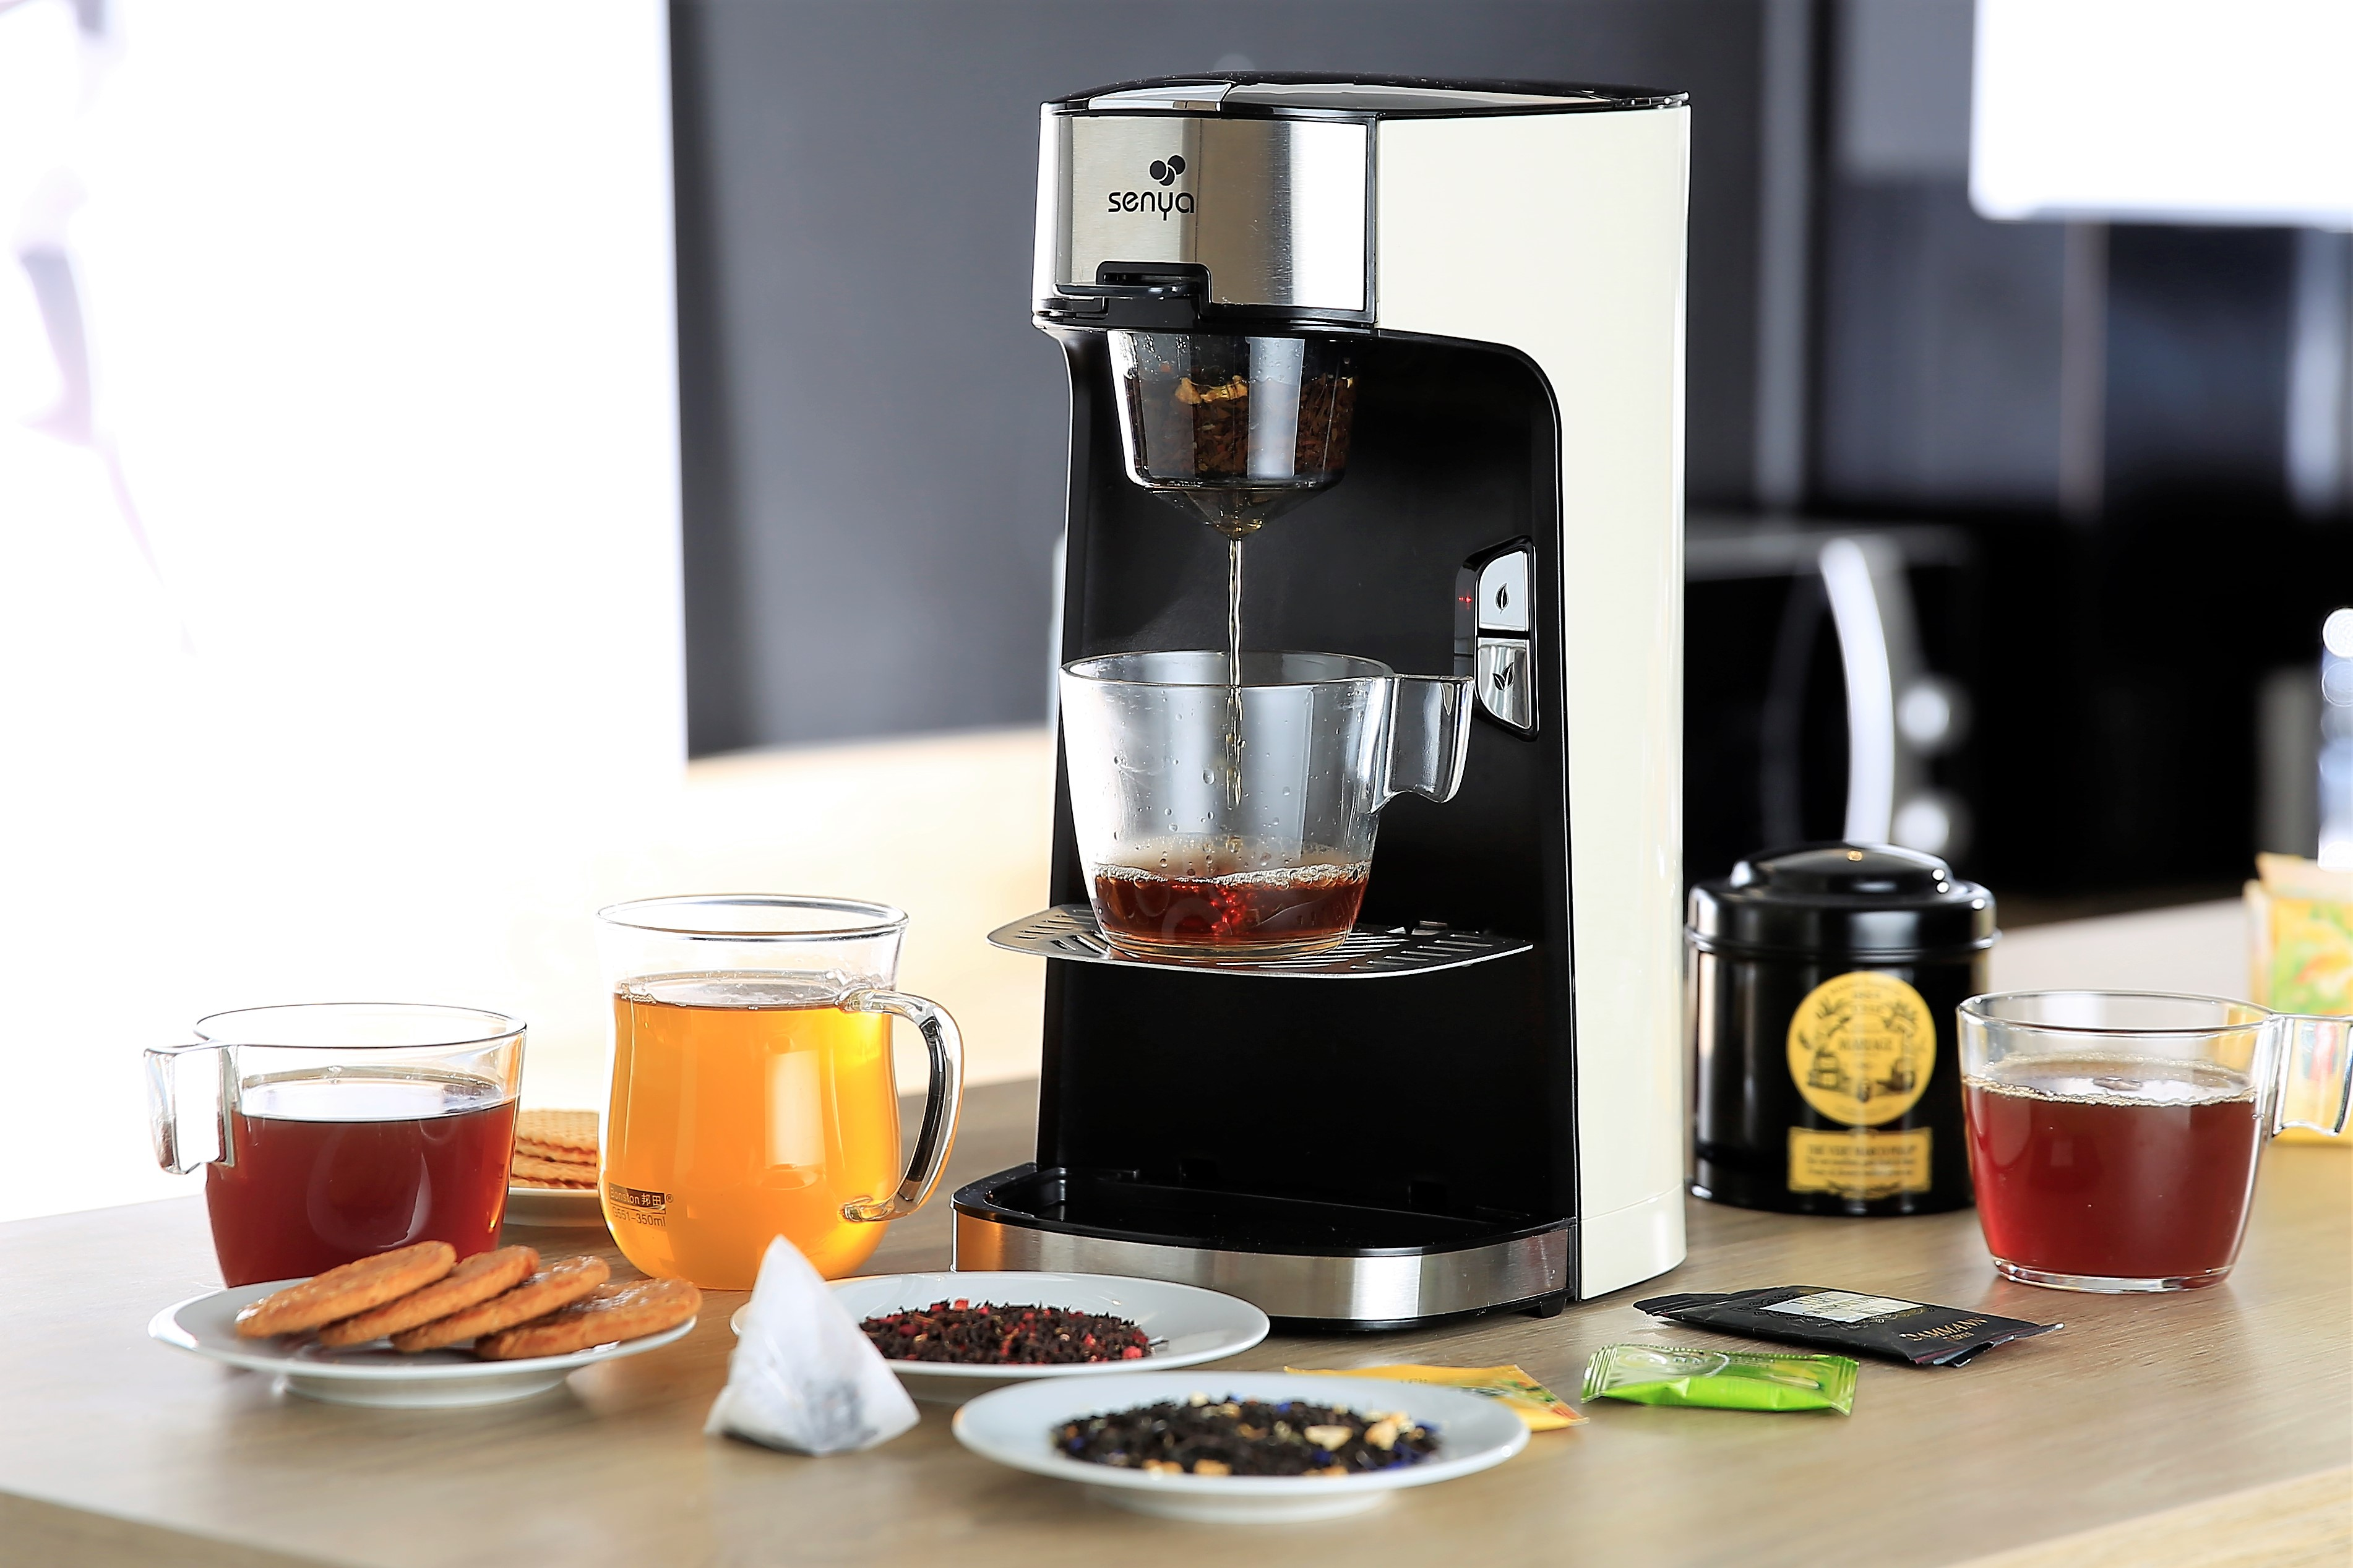 Machine à thé électrique, théière électrique vu de profil sur une table de cuisine